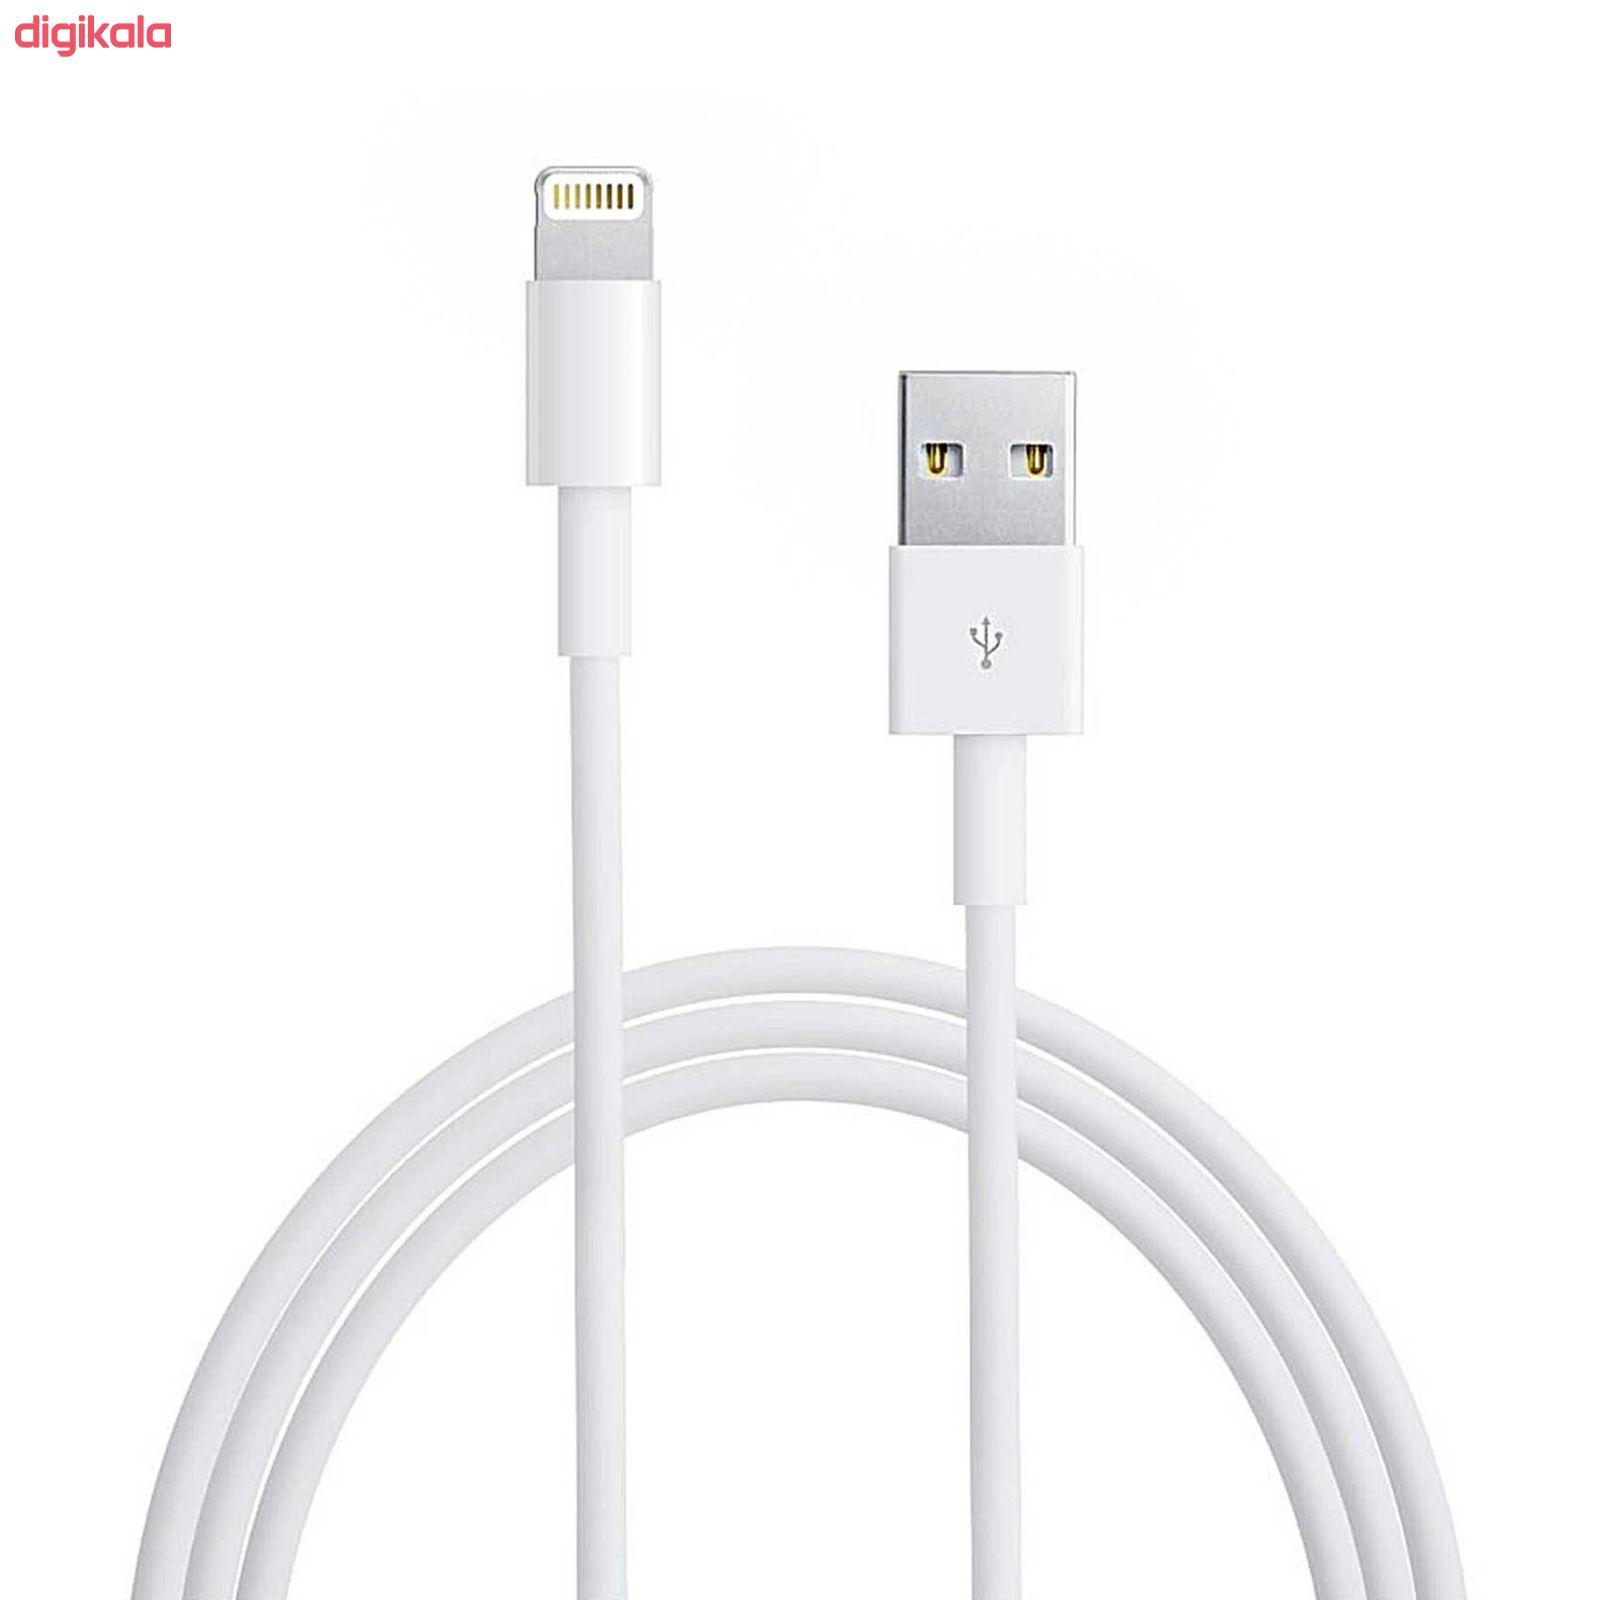 کابل تبدیل USB به لایتنینگ مدل FOQ77 طول 1 متر main 1 7